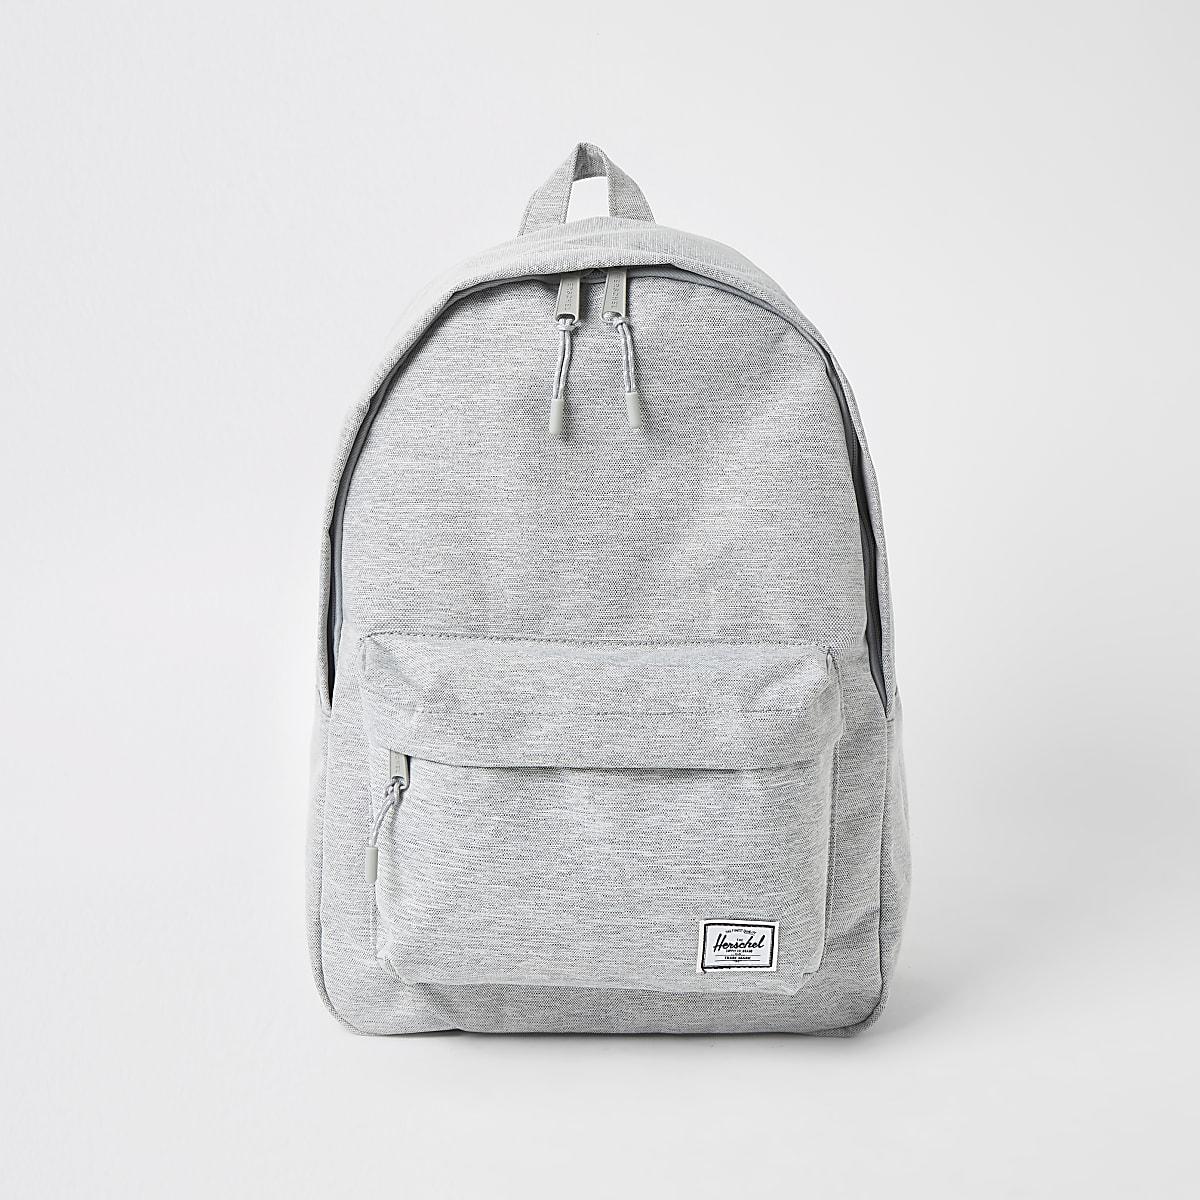 Herschel Herschel Grey Classic Classic Backpack Grey Backpack Herschel Backpack Classic Grey 0vONmy8nwP